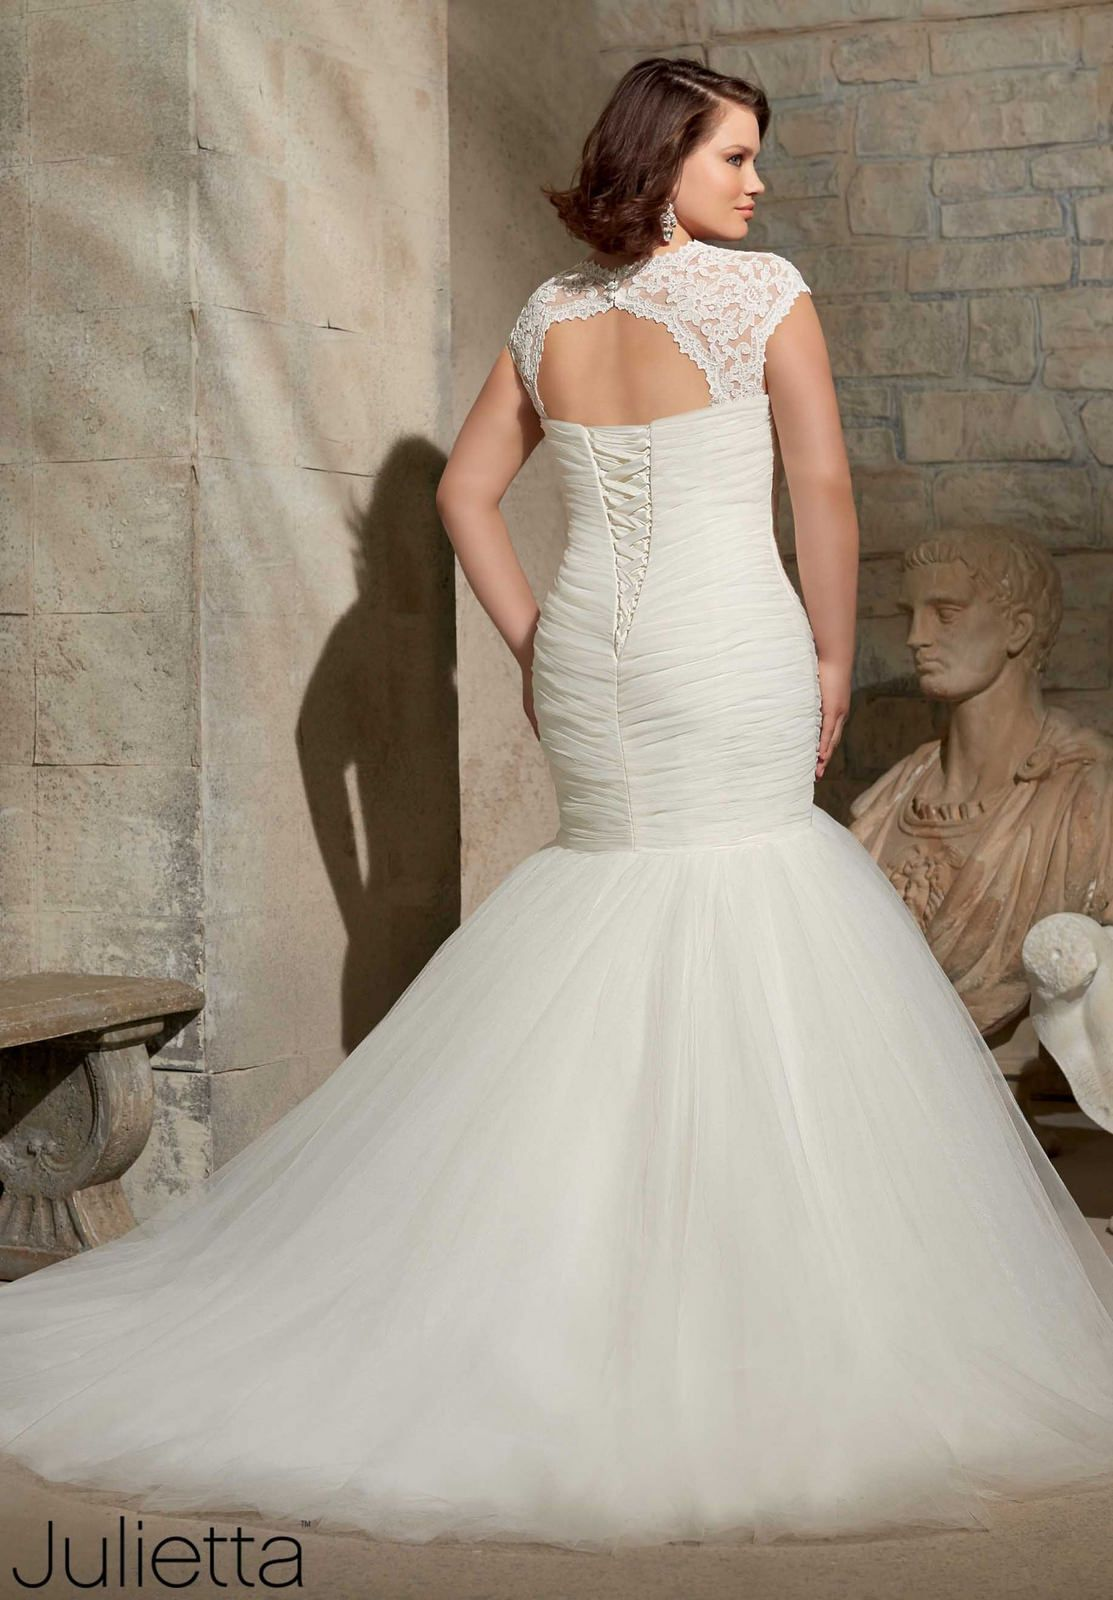 https://flic.kr/p/Cd2R2a | Trouwjurken | Trouwjurken vintage, Moderne Trouwjurken, Korte trouwjurken, Avondjurken, Wedding Dress, Wedding Dresses | www.popo-shoes.nl